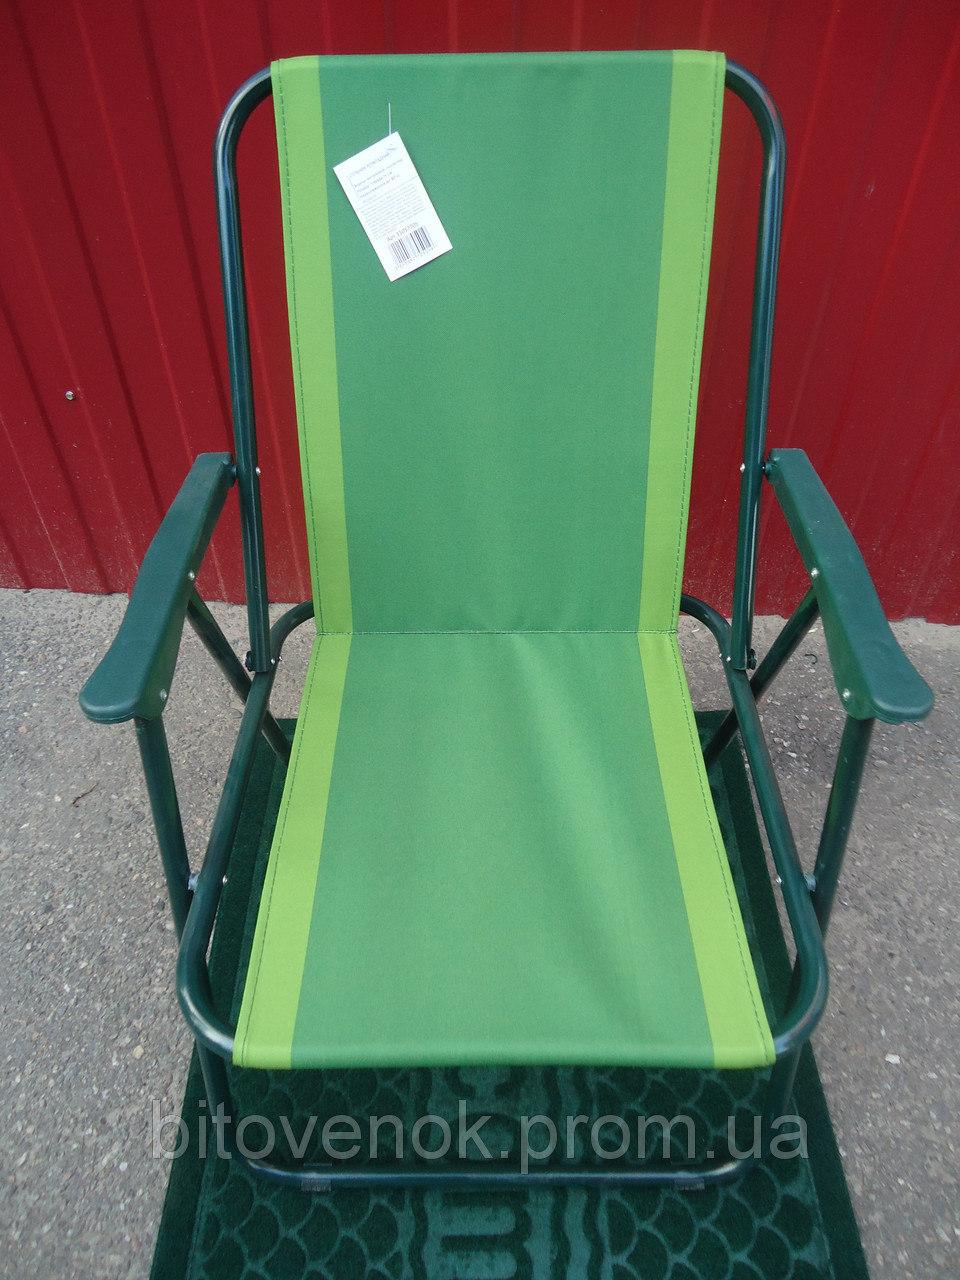 Кресло раскладное 2